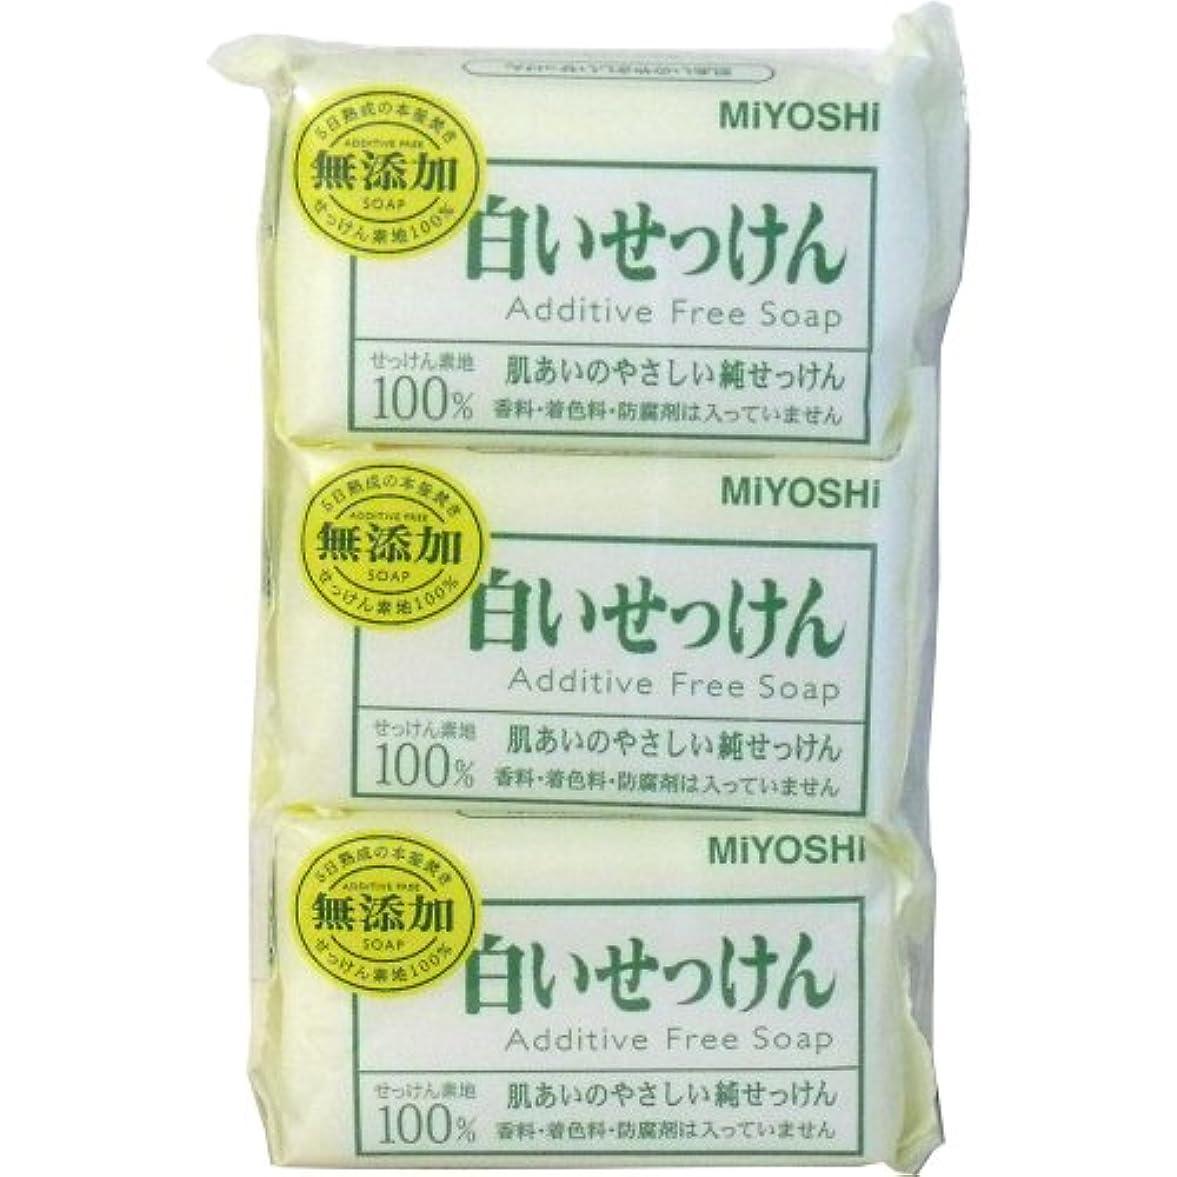 キュービック餌疎外【ミヨシ】ミヨシ 無添加 白いせっけん 108g×3個入 ×5個セット